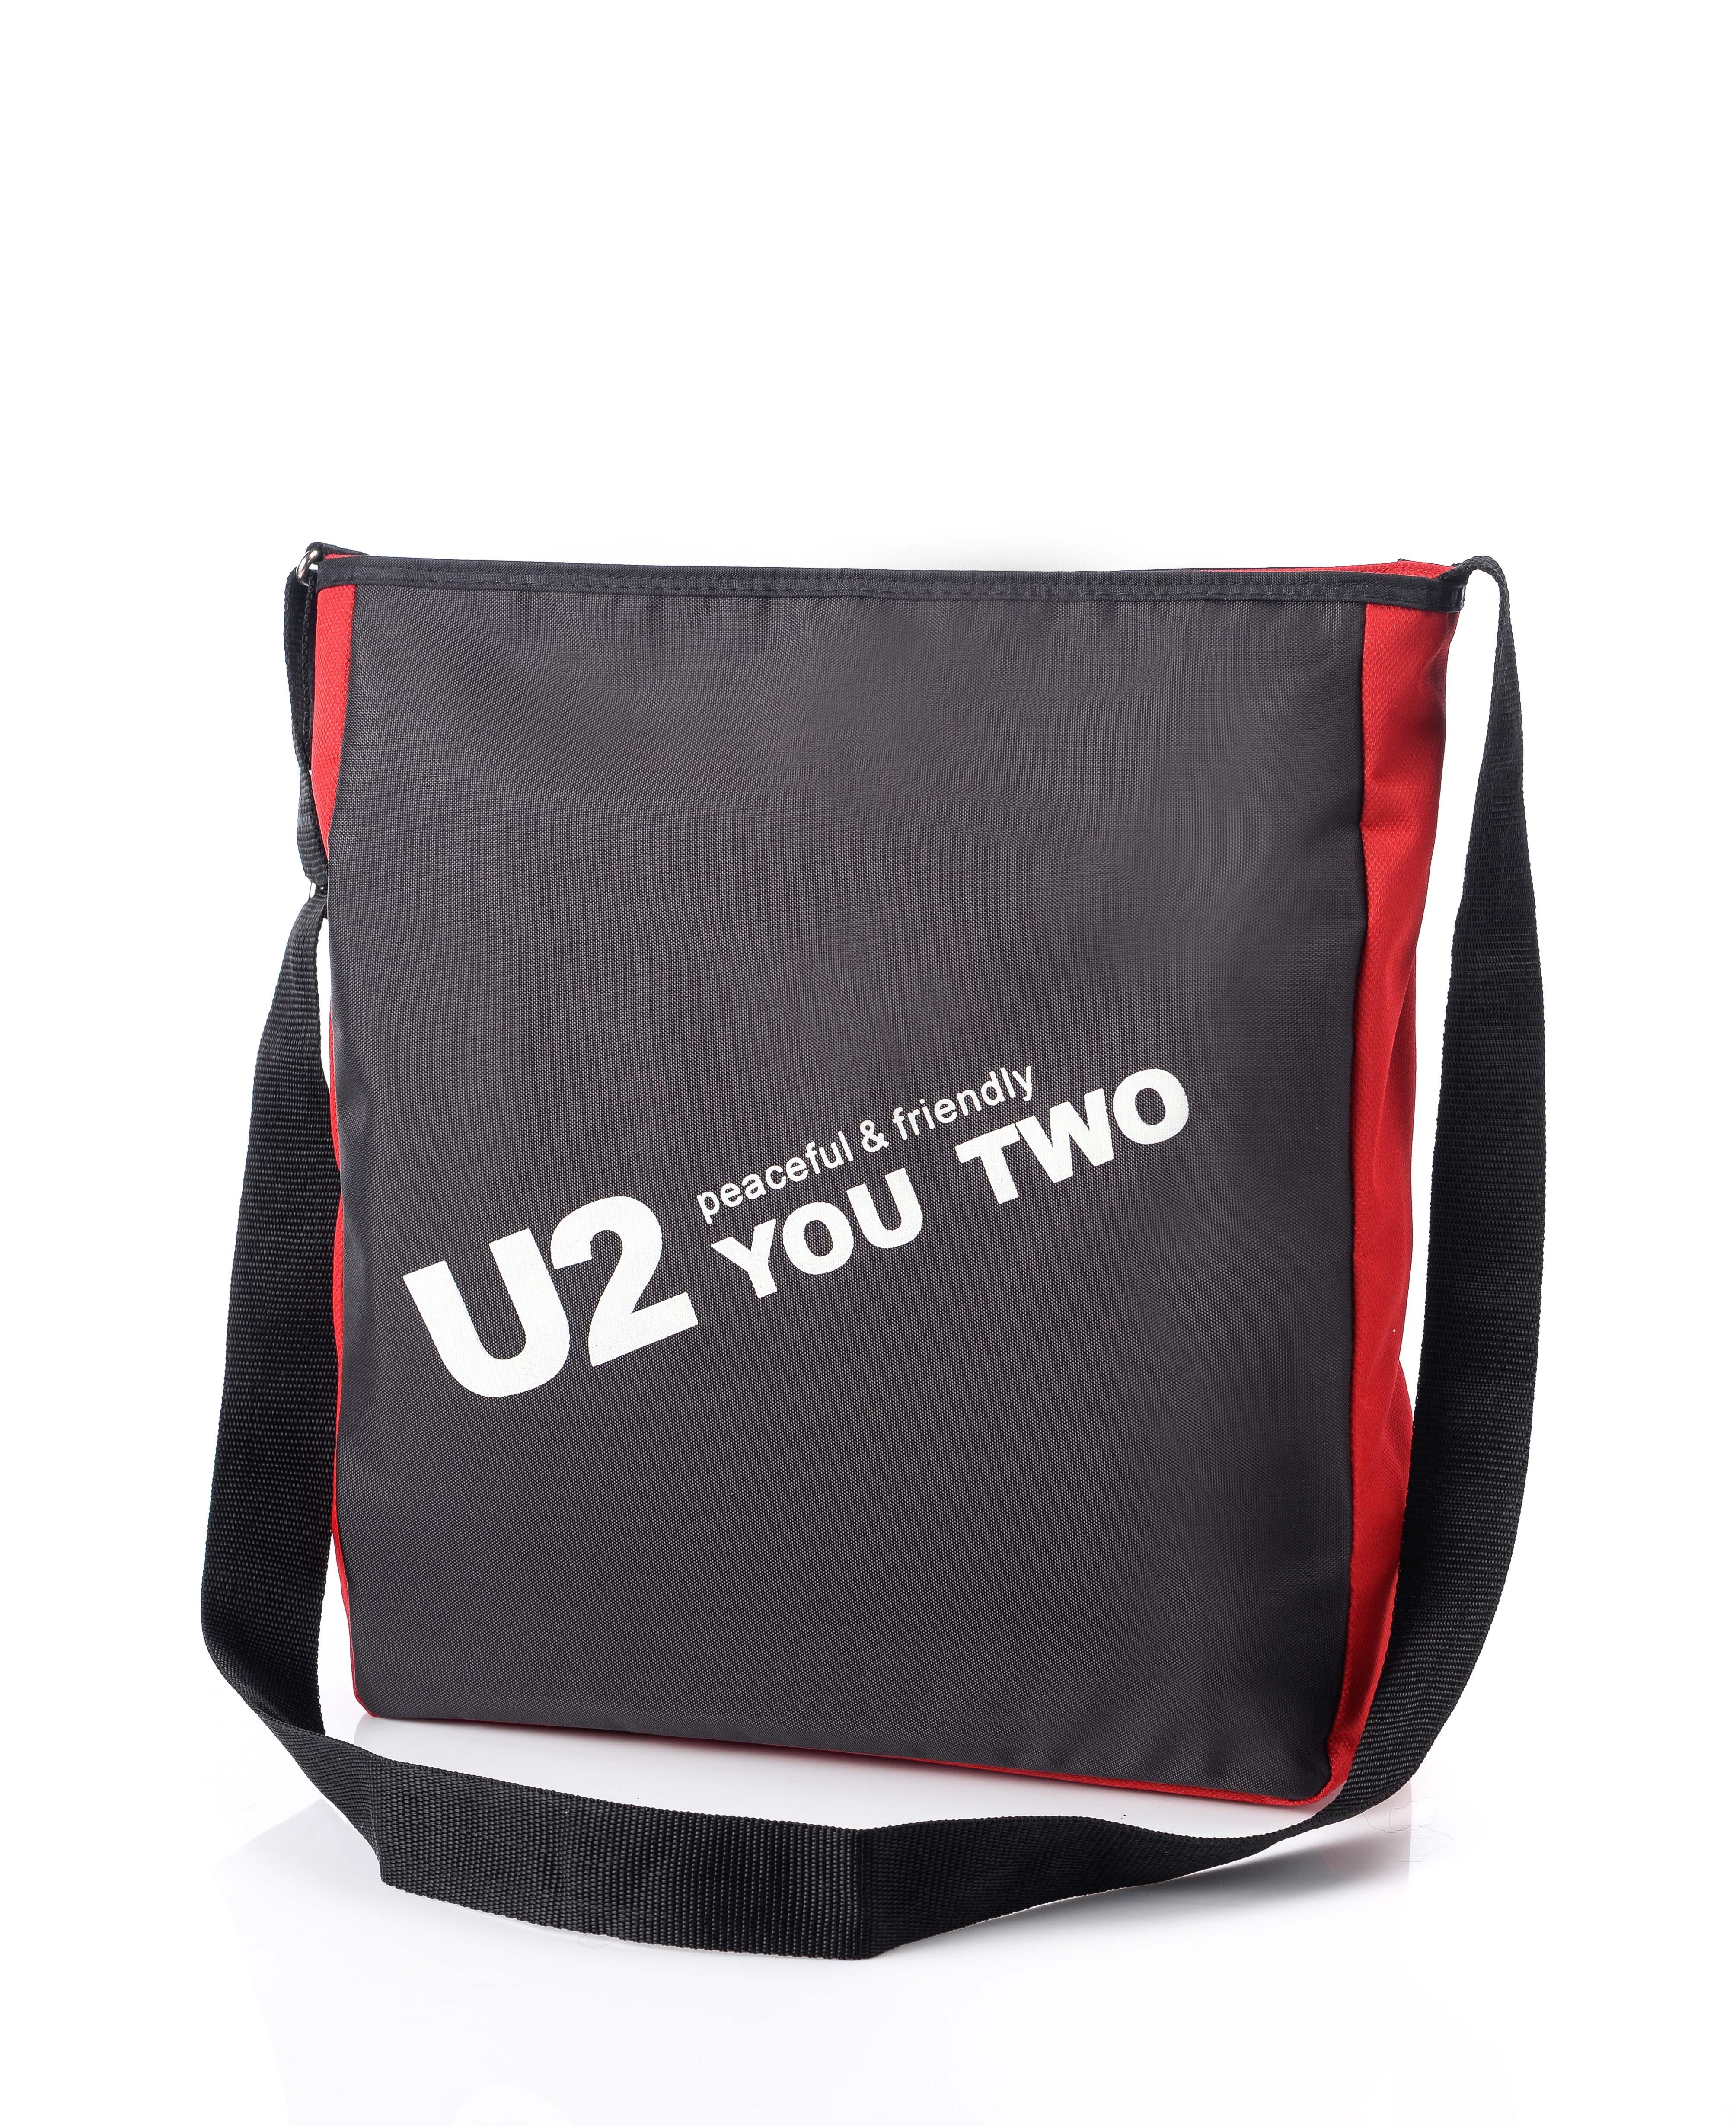 防潑水極簡約側背包/肩背包/學生背包/戶外背包/MIT/台灣製【U2 Bags】【兩色】